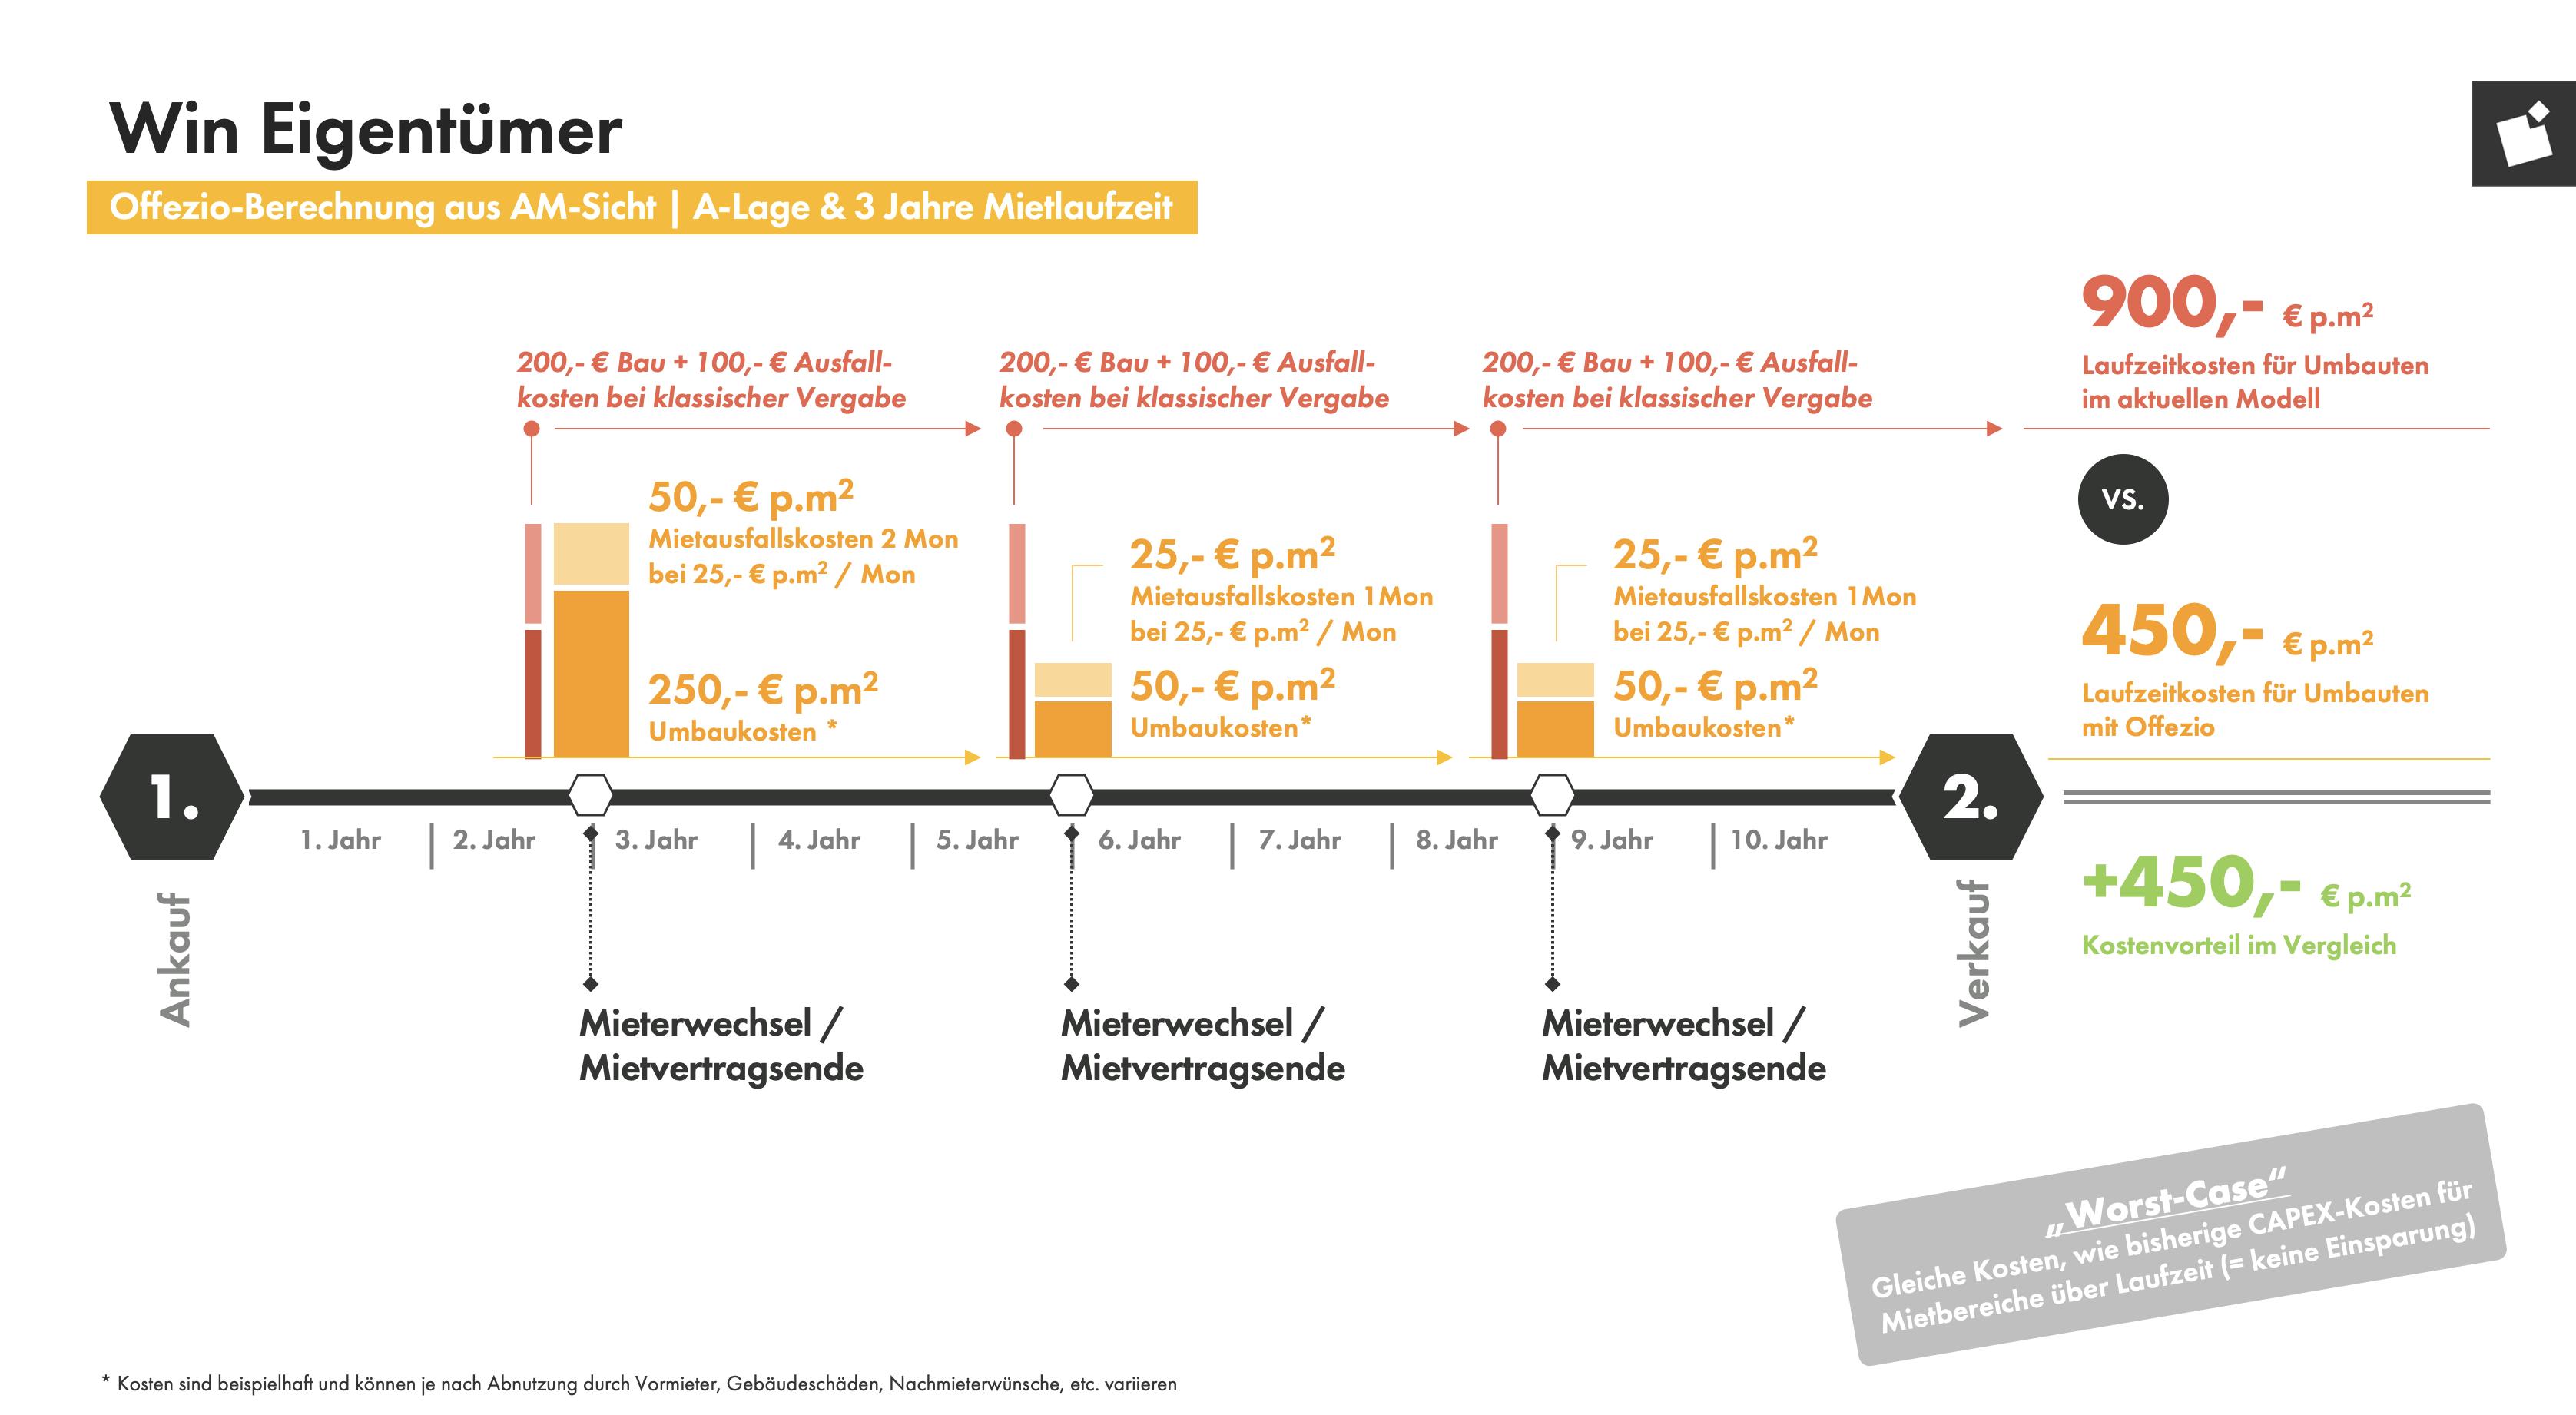 Grafik zeigt langfristige Einsparung von CAPEX- Kosten